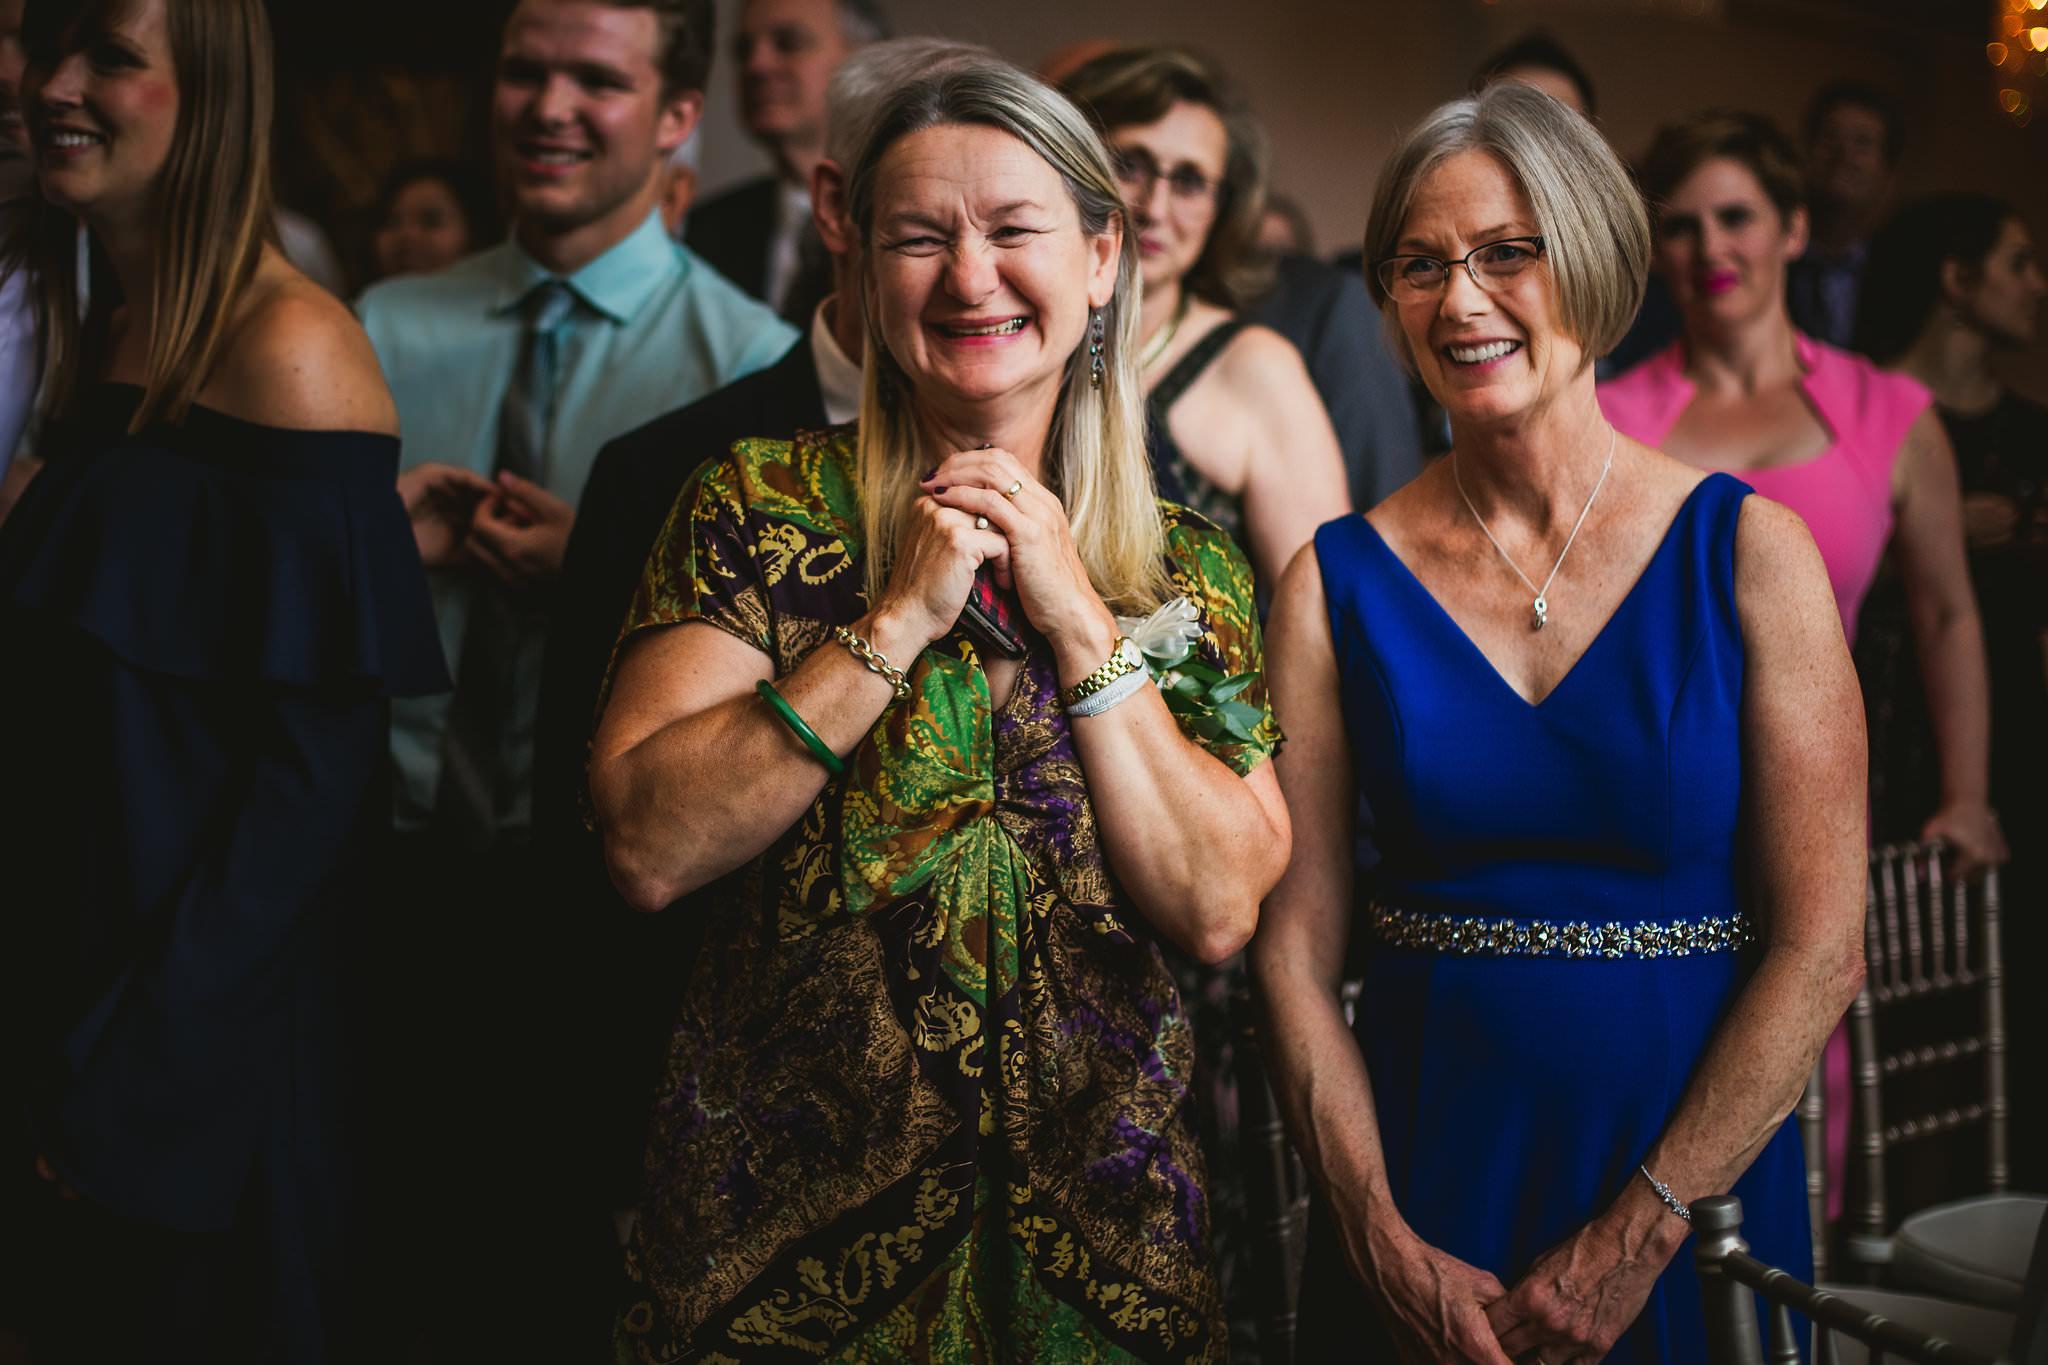 whistlebearweddingphotos 834 - Whistle Bear Wedding Photos